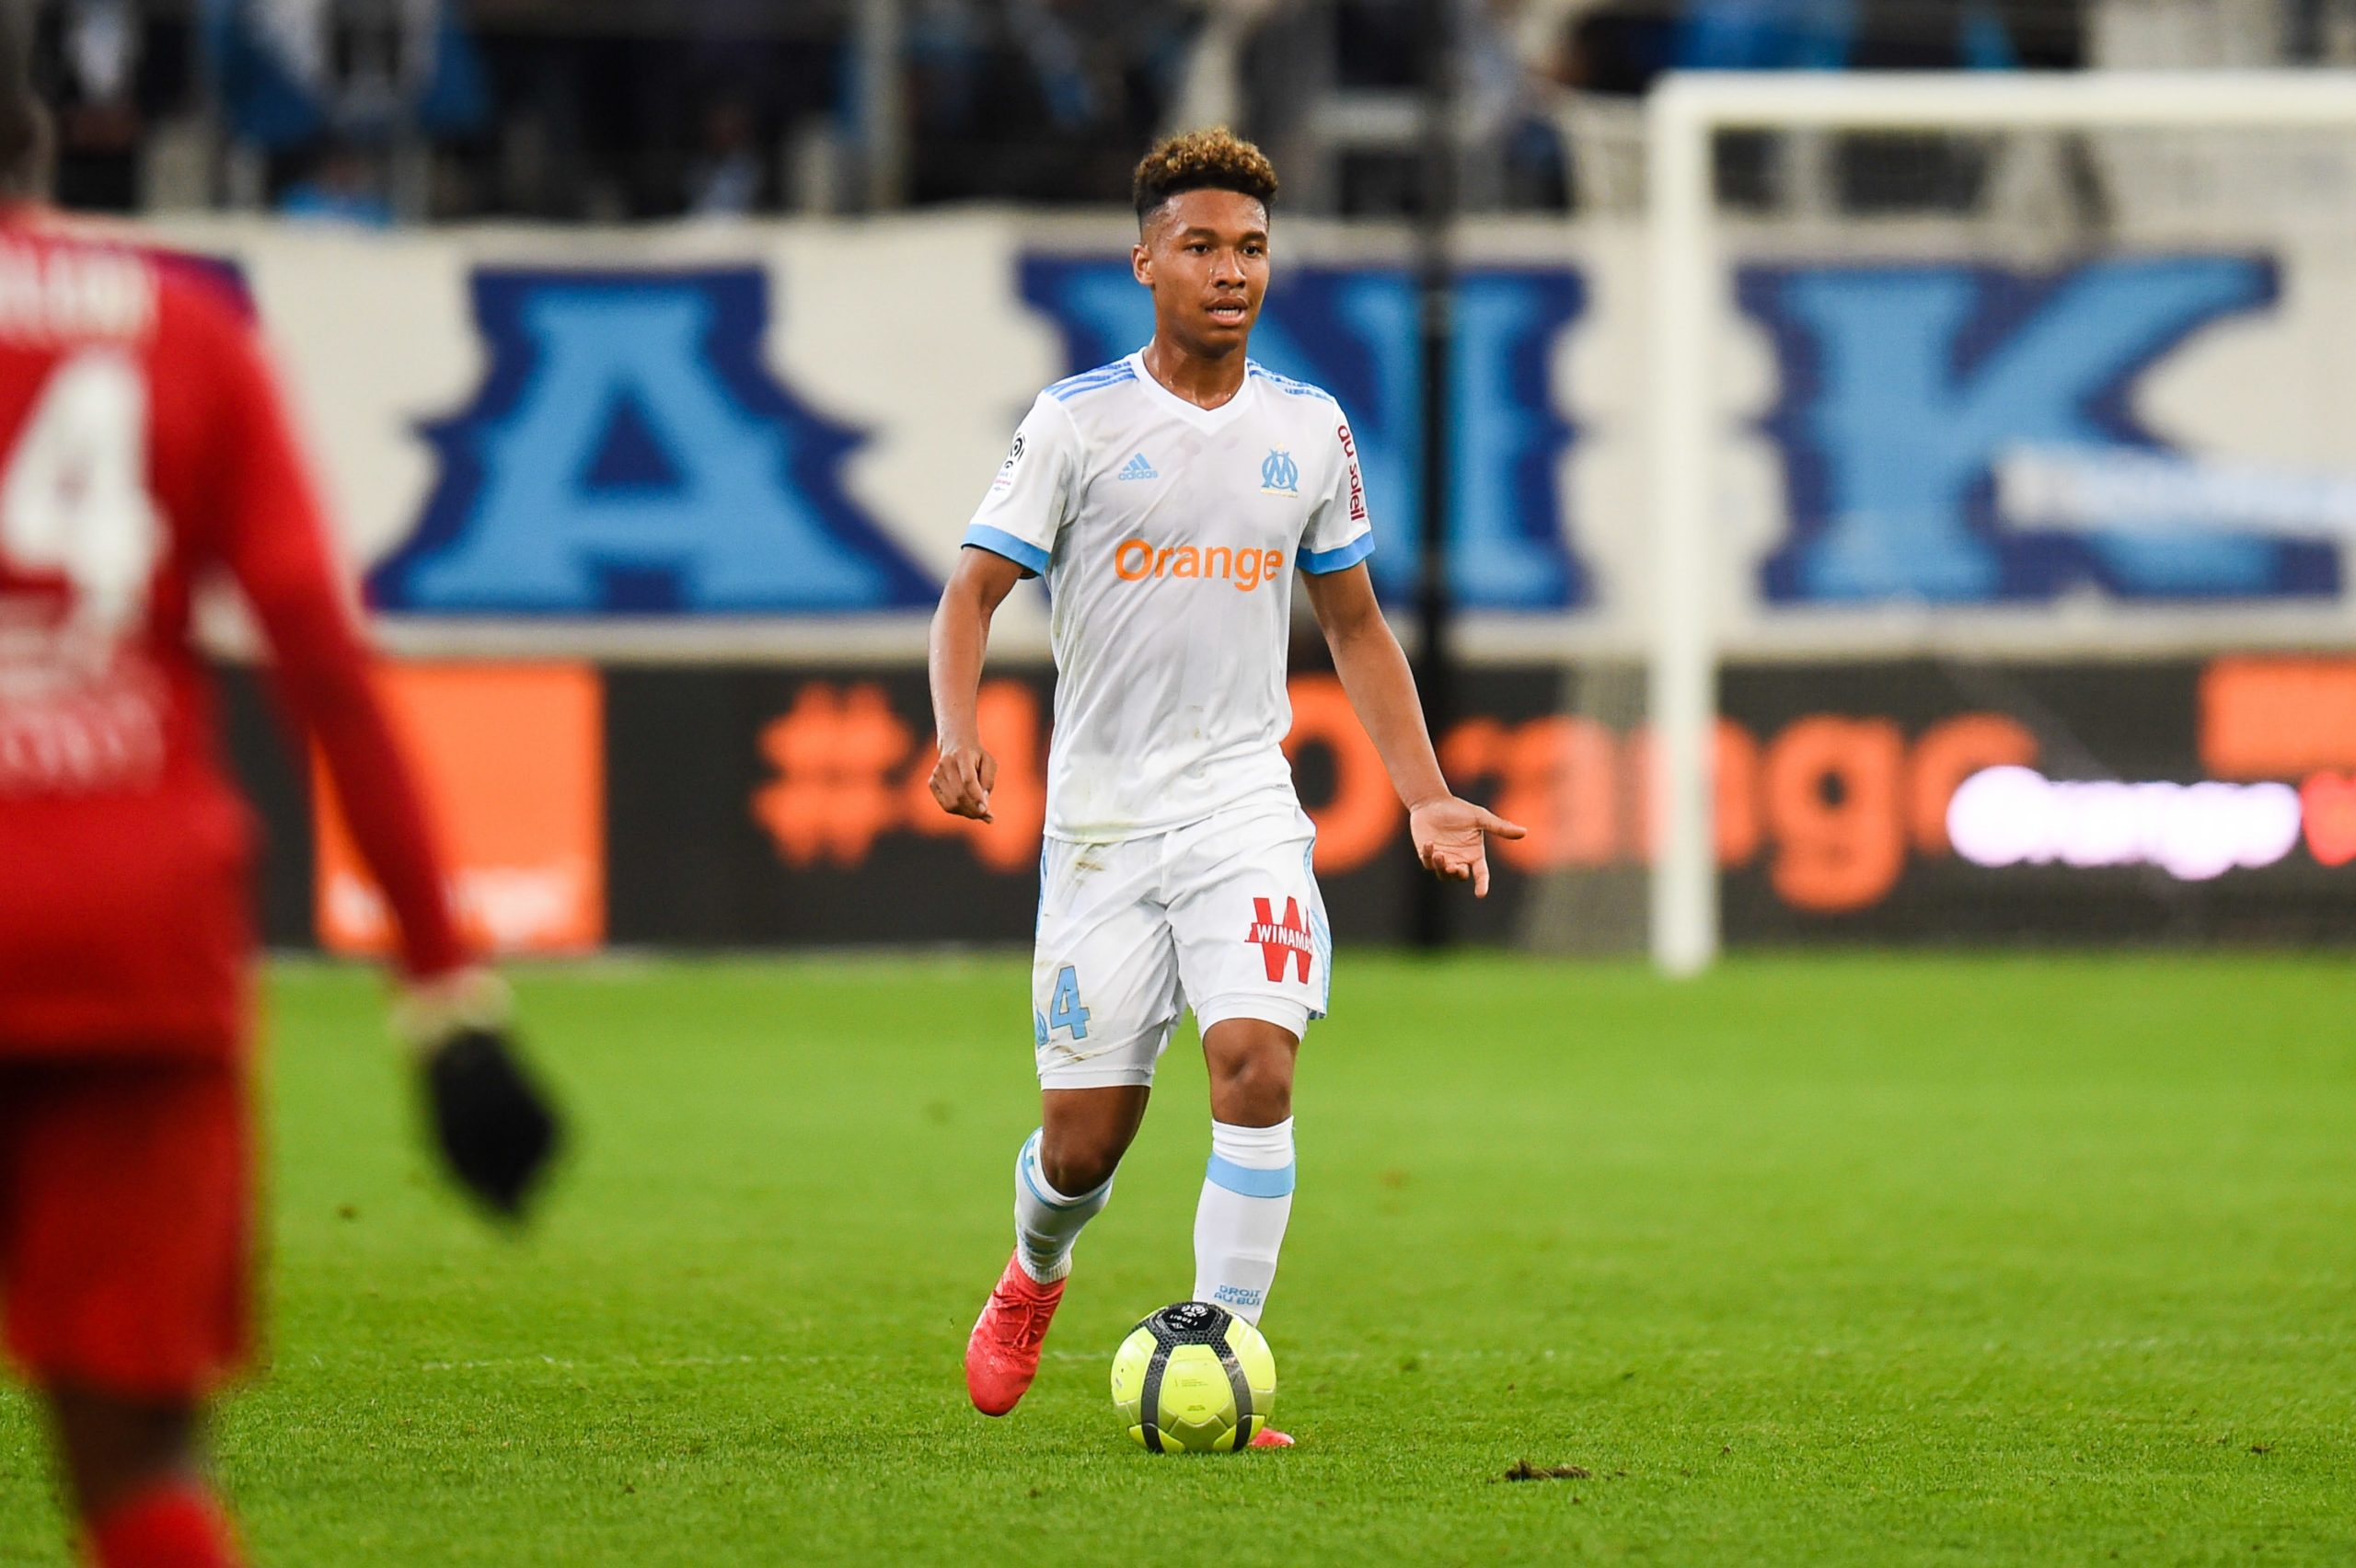 Mercato - Le PSG notamment intéressé par Koulibaly et Kamara, assure L'Equipe